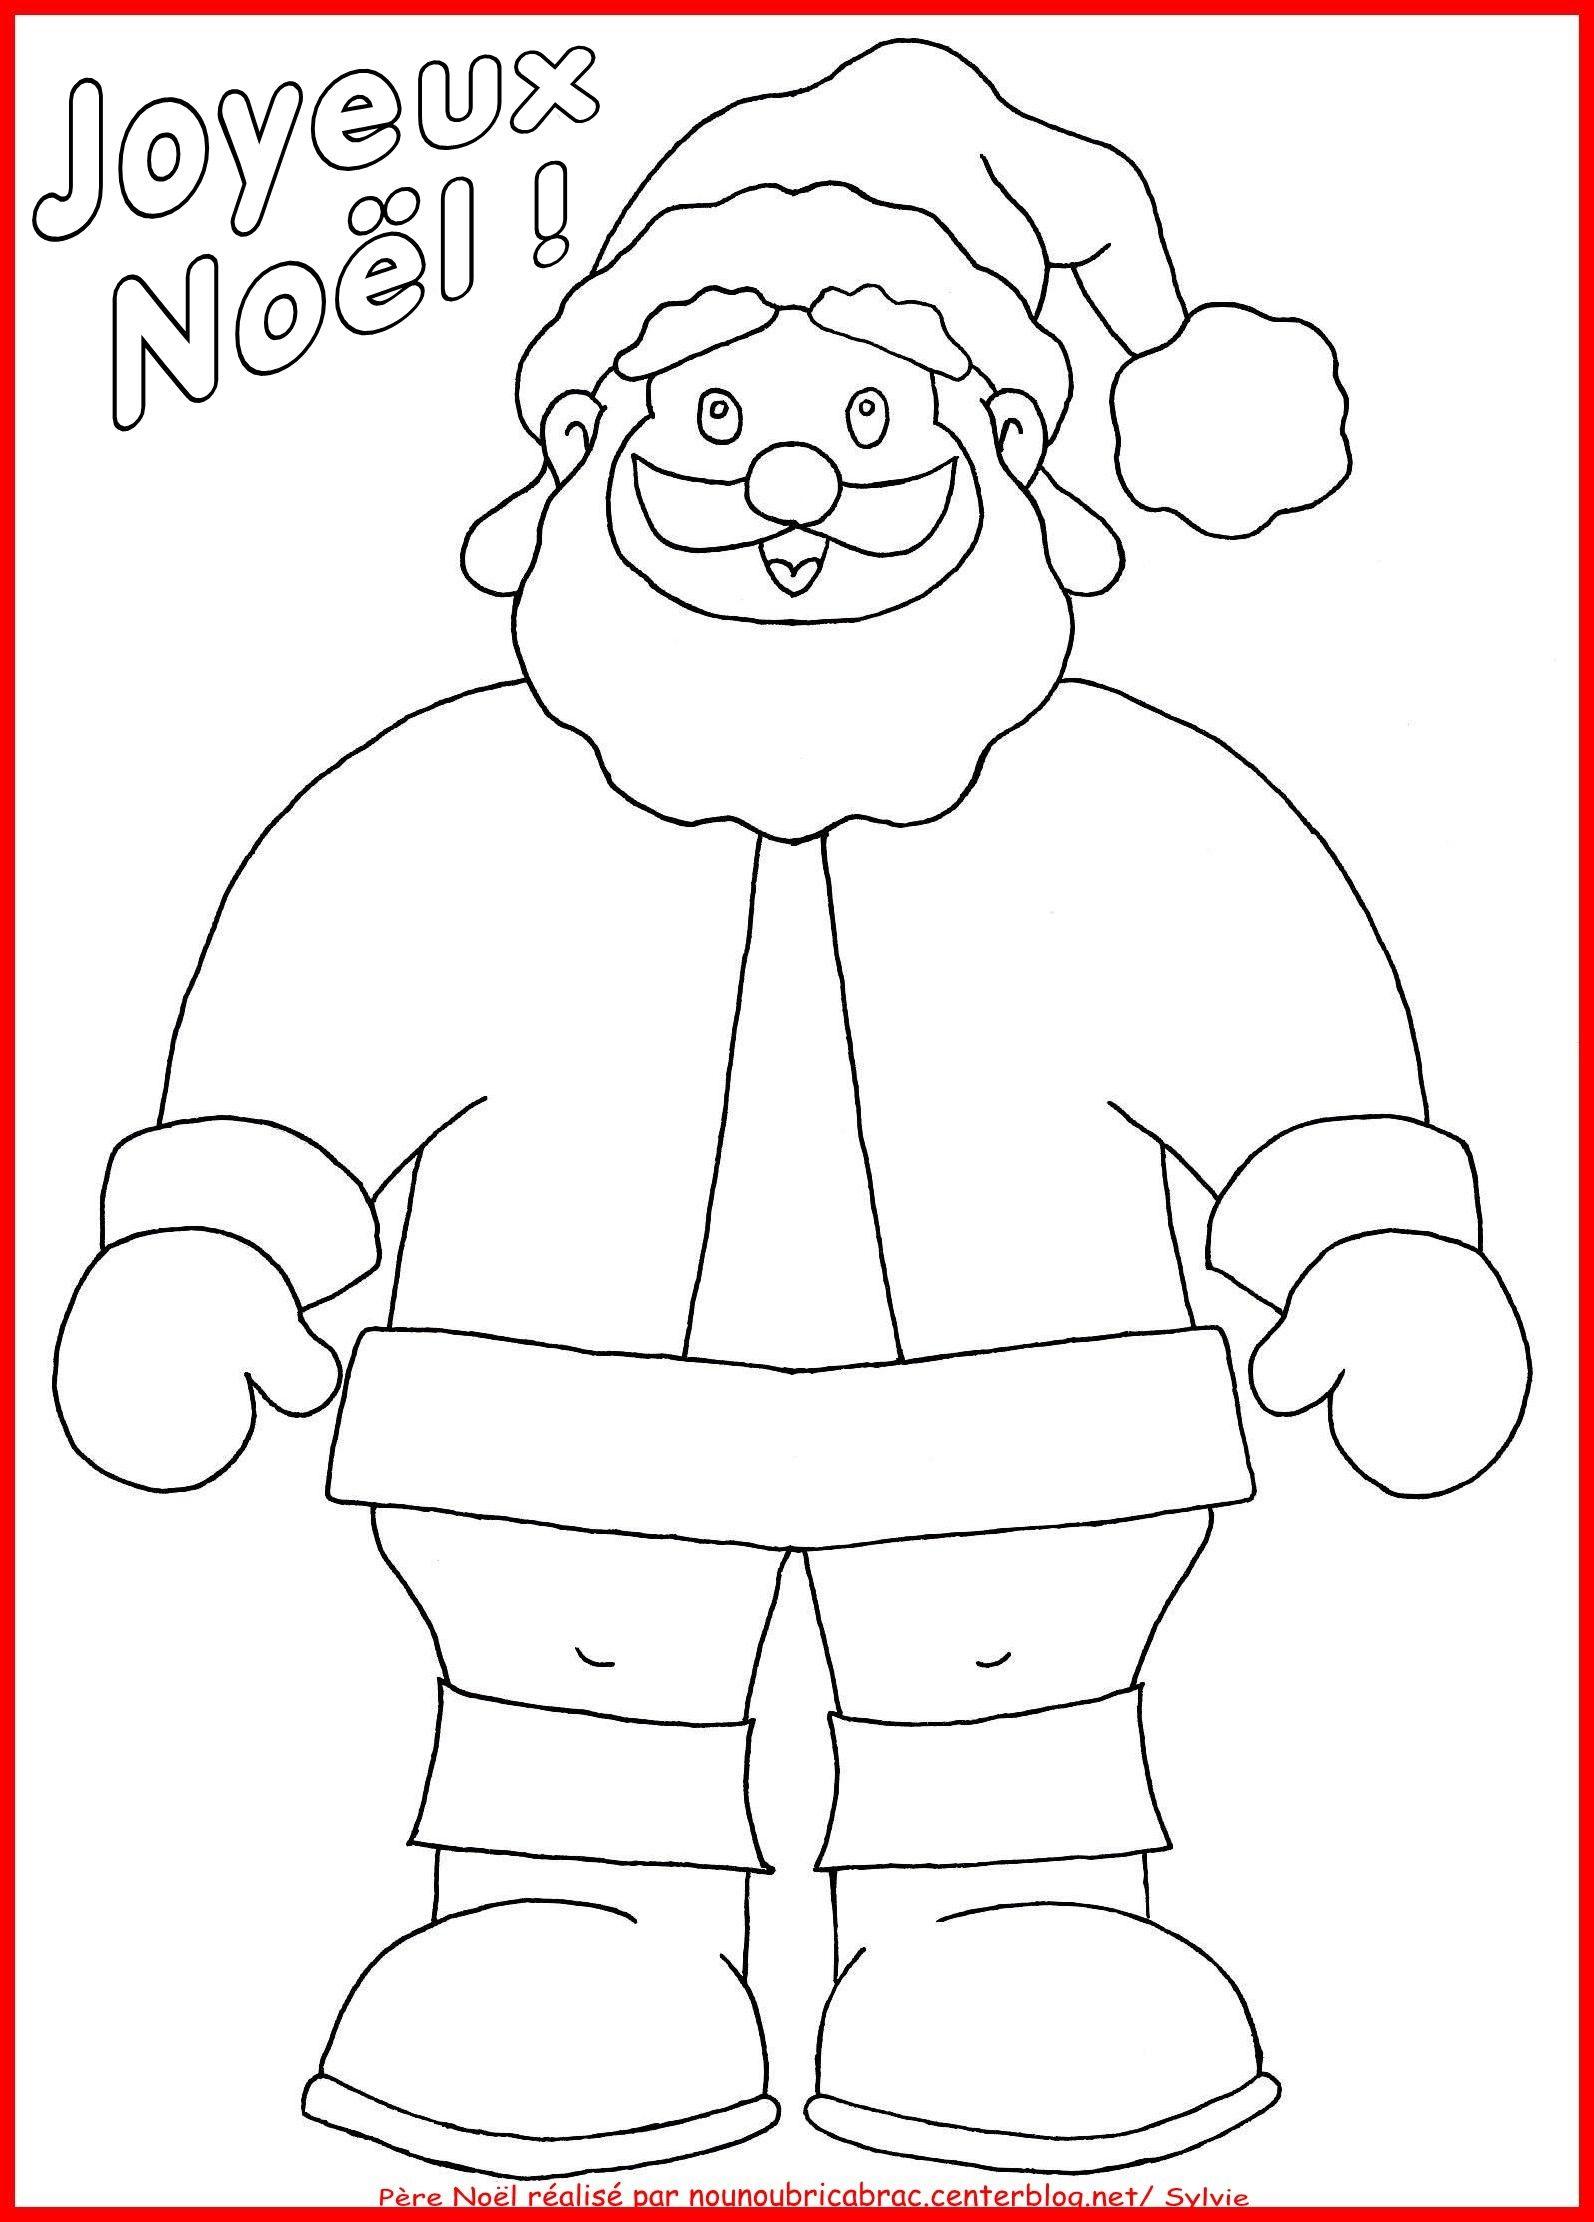 Voici un coloriage de P¨re No l que j ai moi mªme dessiné Je suis Nounou et non dessinatrice [b]Pour mon futur bricolage il